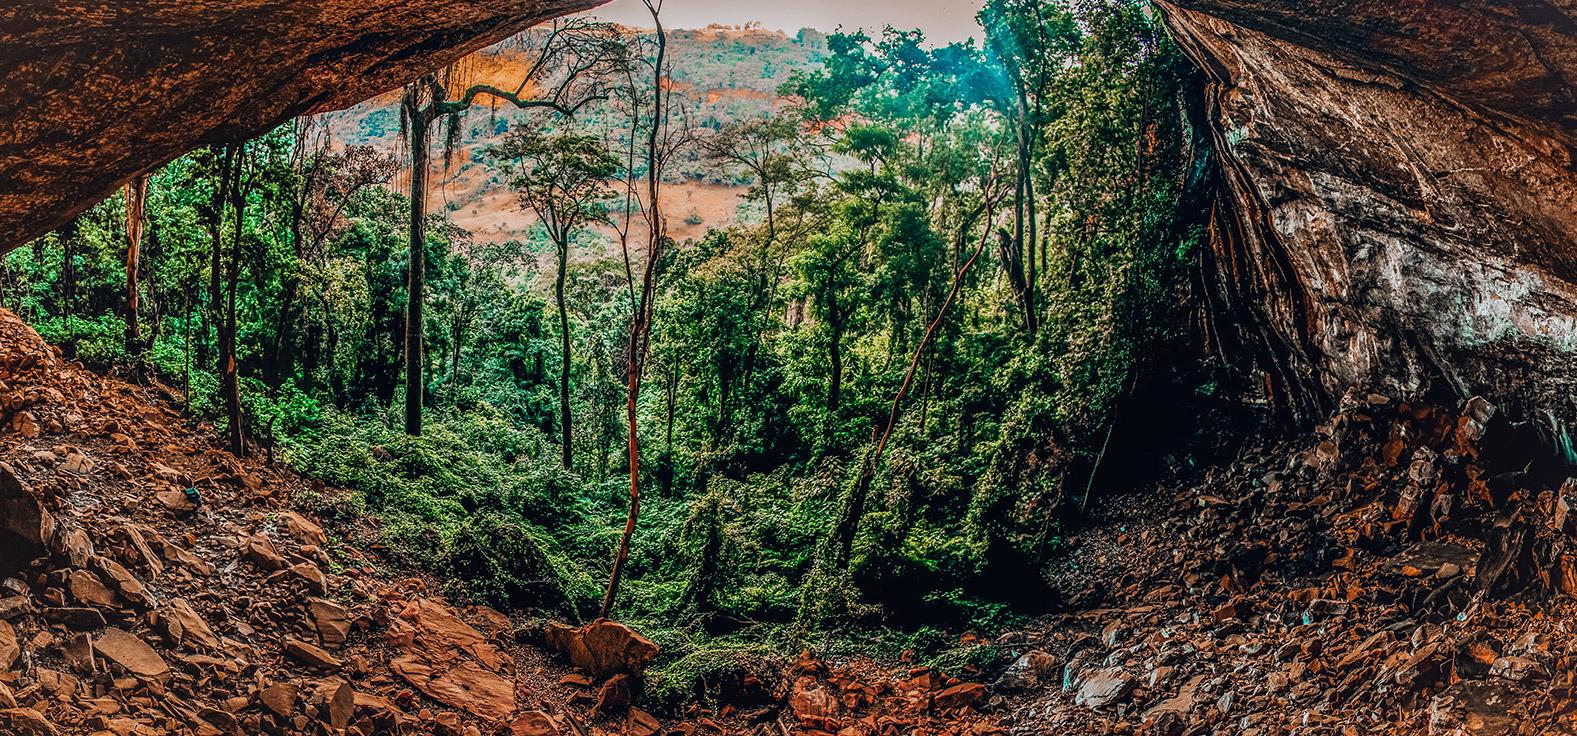 Caverna Boca do Sapo em Ipeúna | Portal Serra do Itaquerí